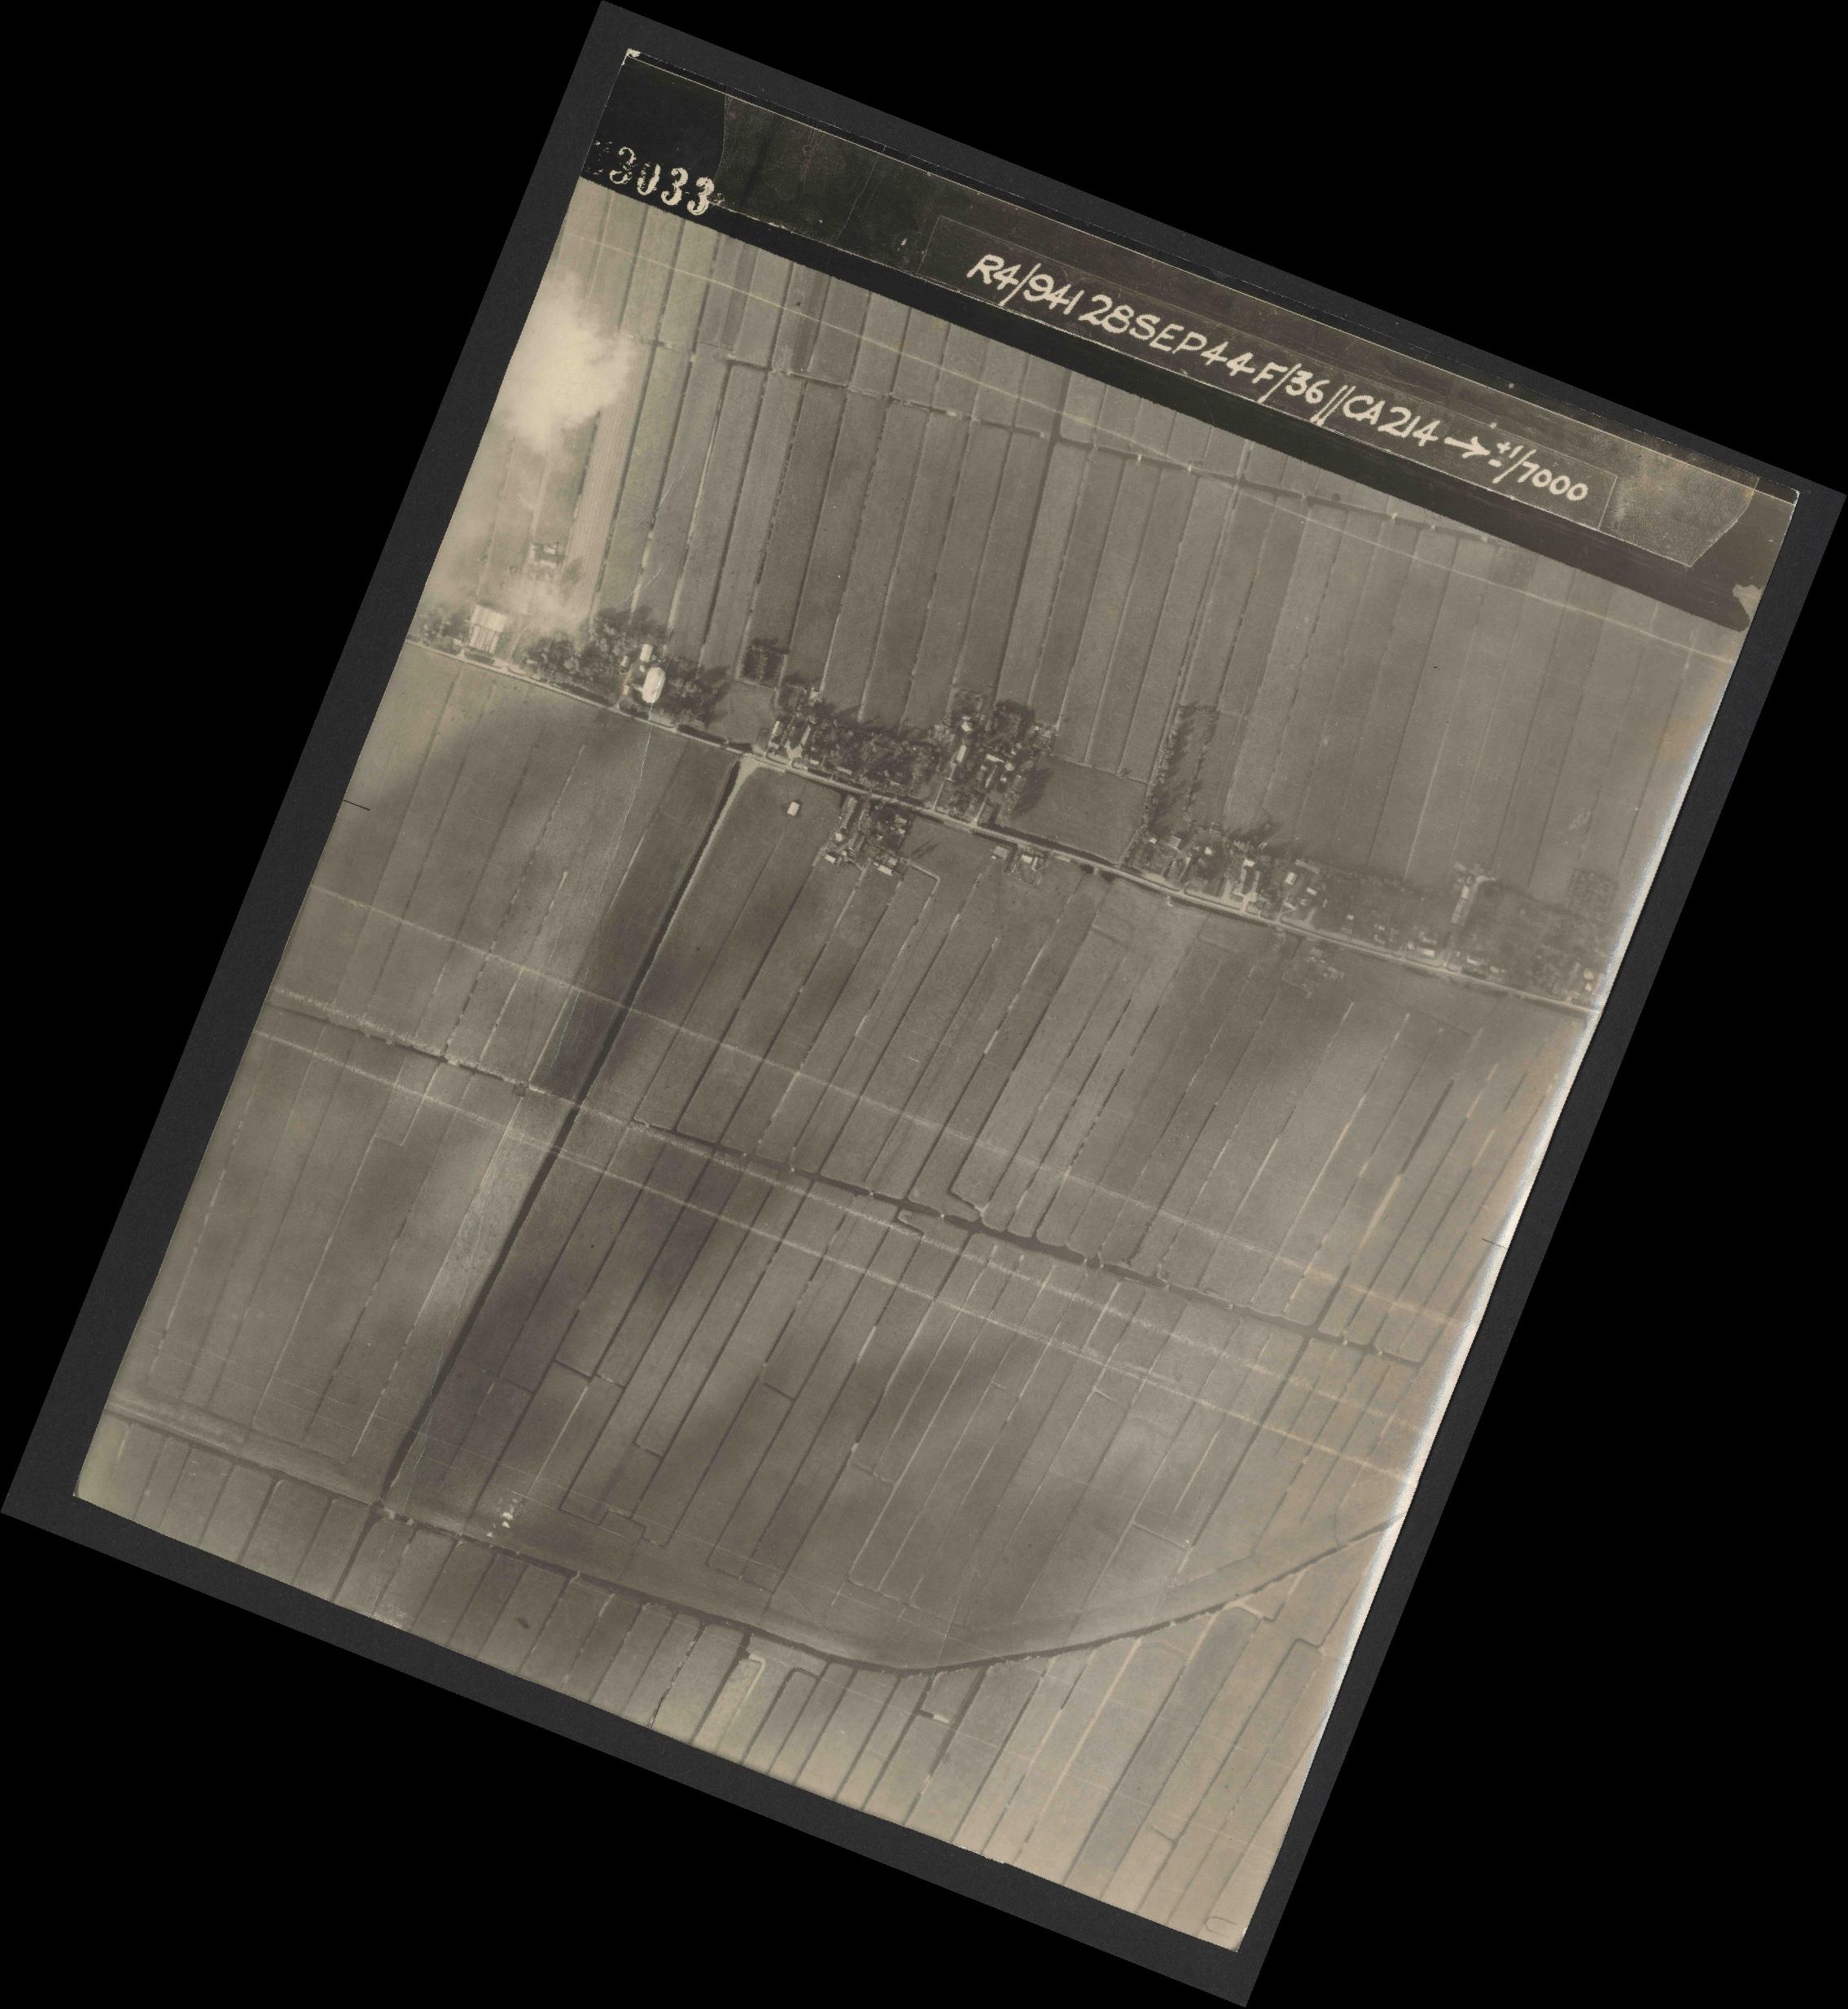 Collection RAF aerial photos 1940-1945 - flight 067, run 05, photo 3033